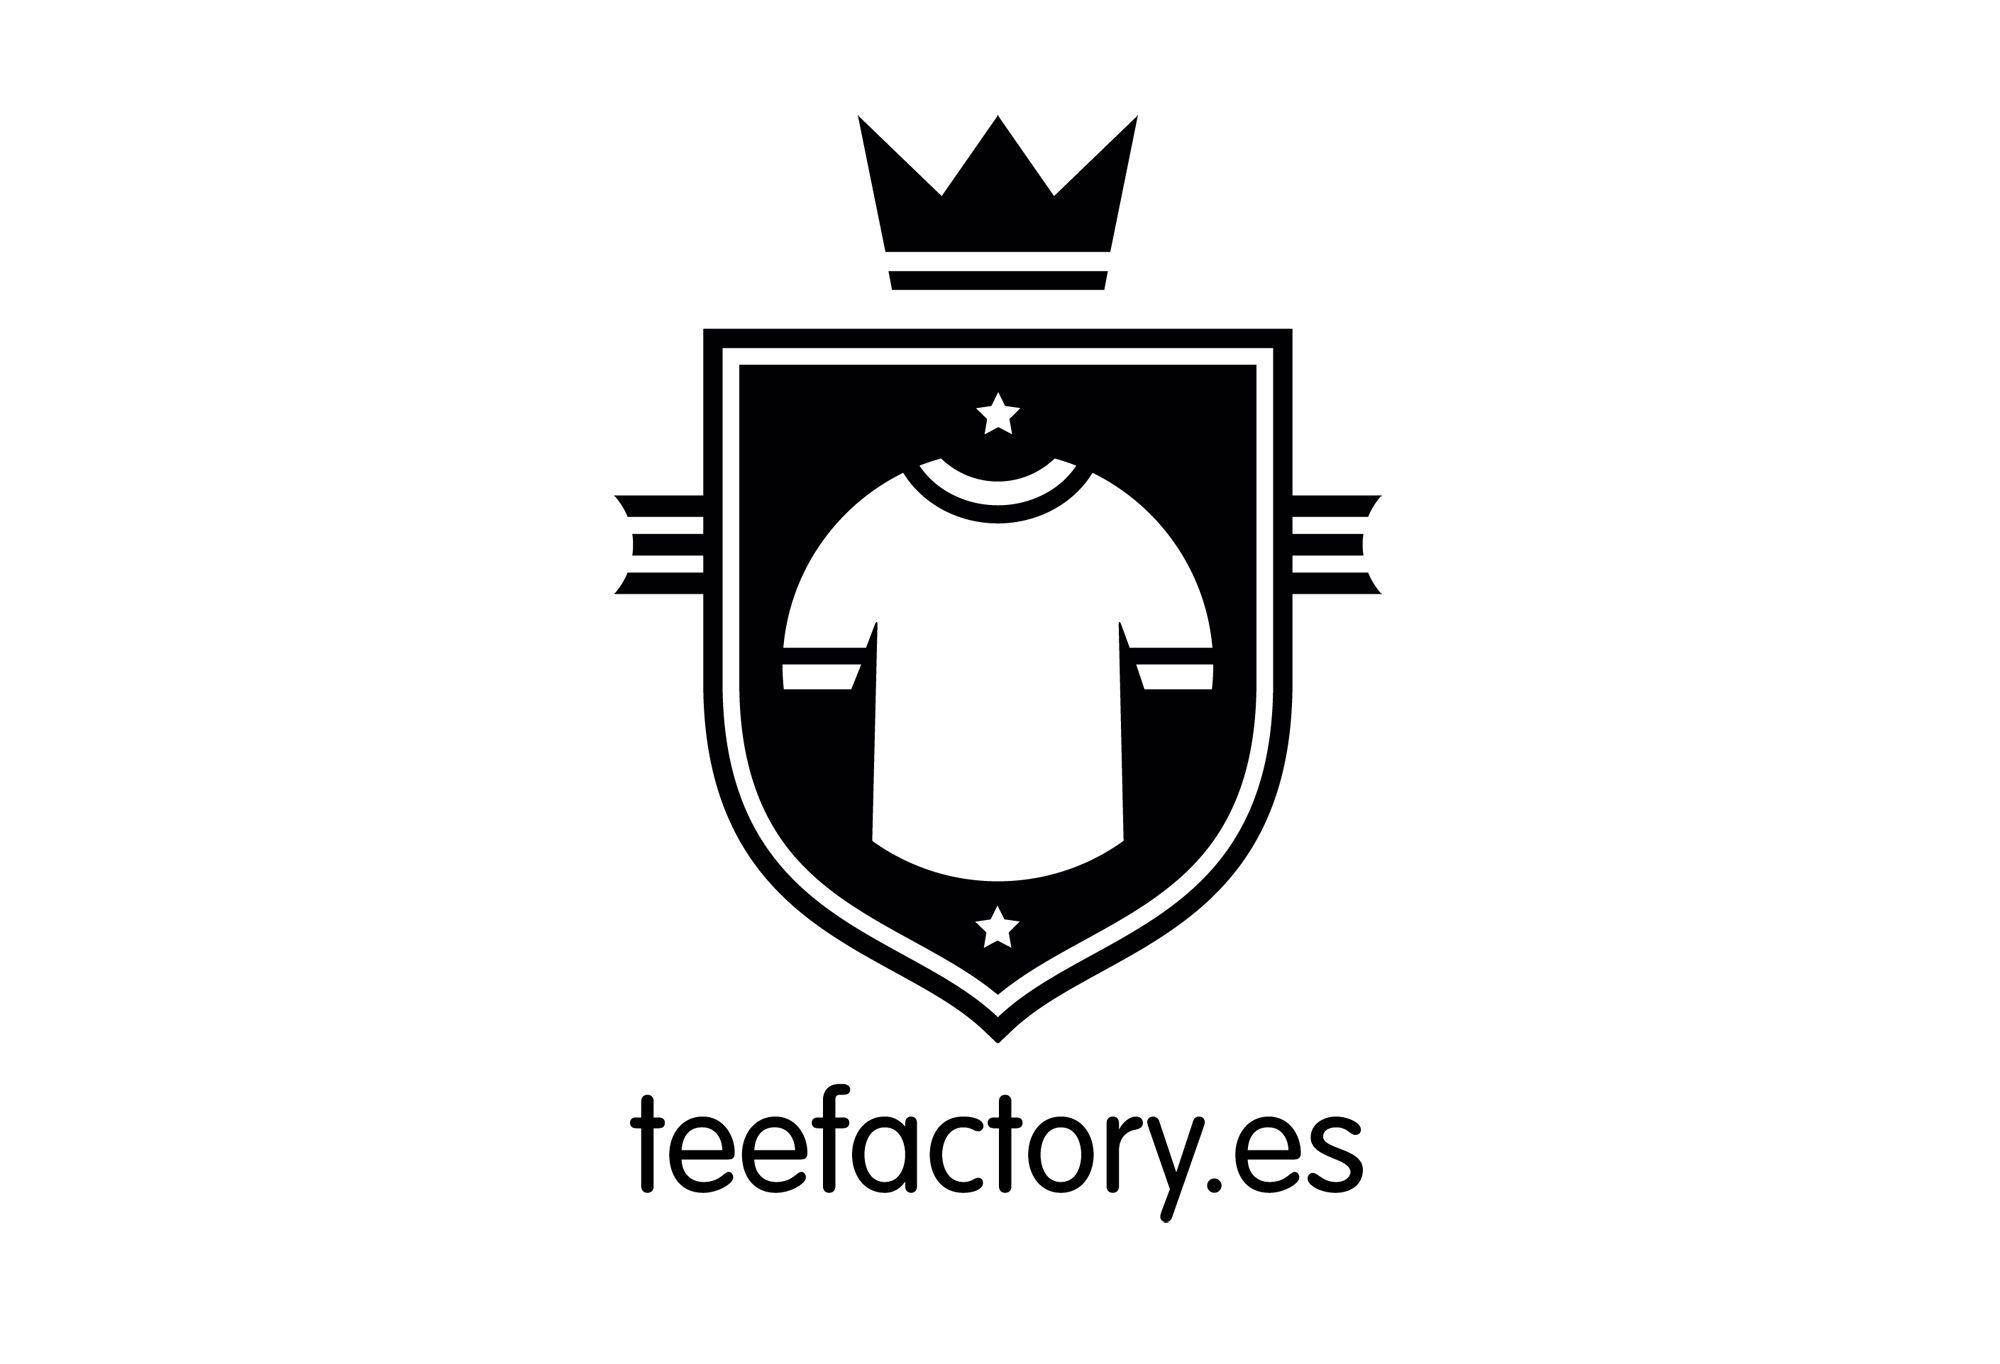 Camisetas.info se convierte en Teefactory.es